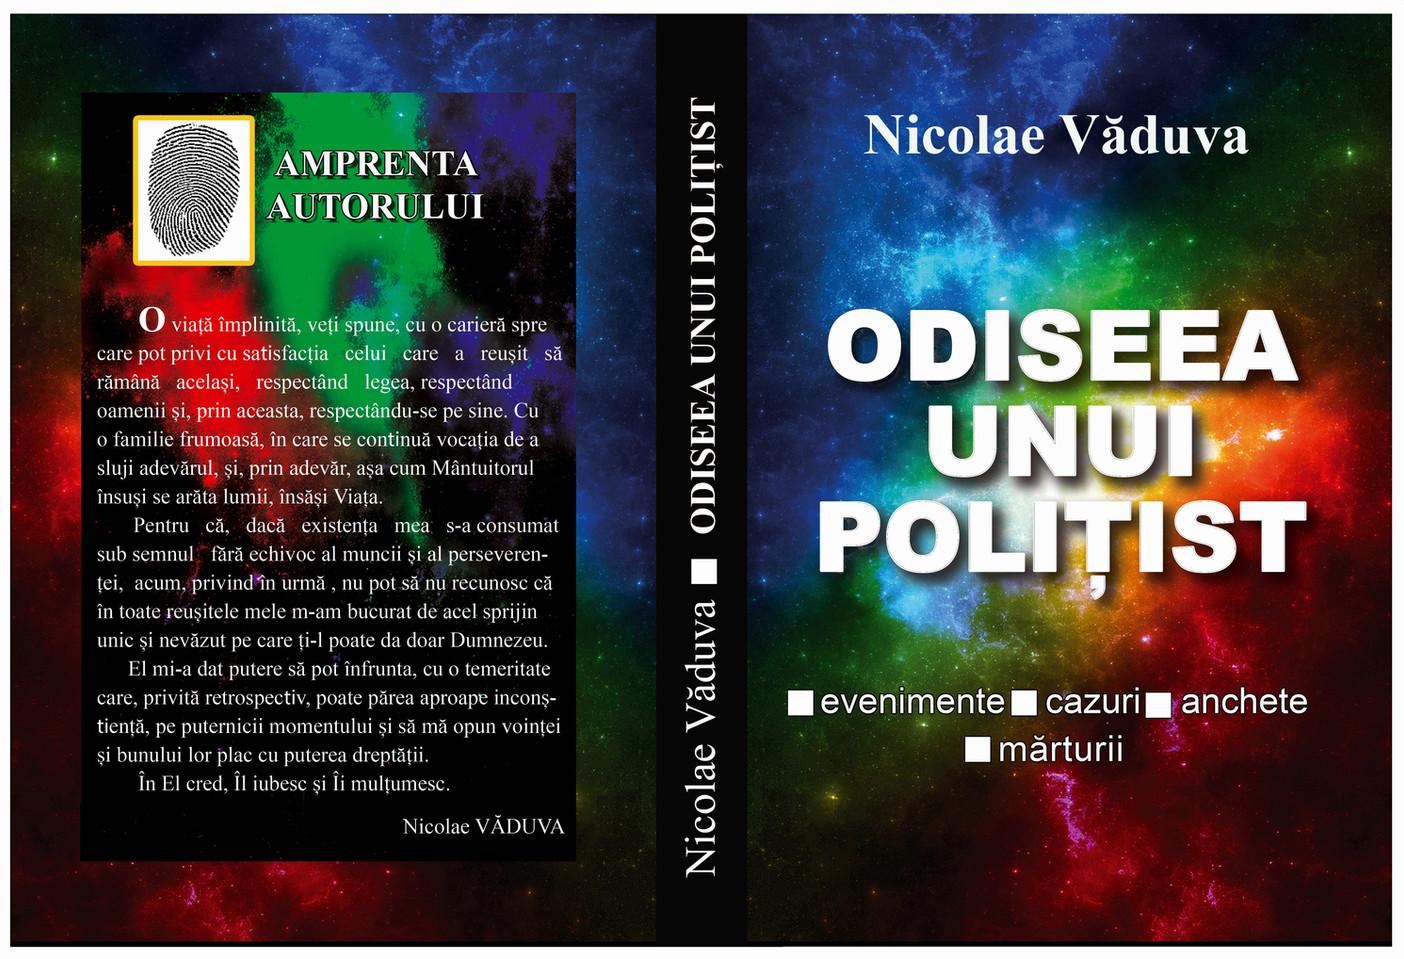 Odiseea unui politist - Nicolae Vaduva